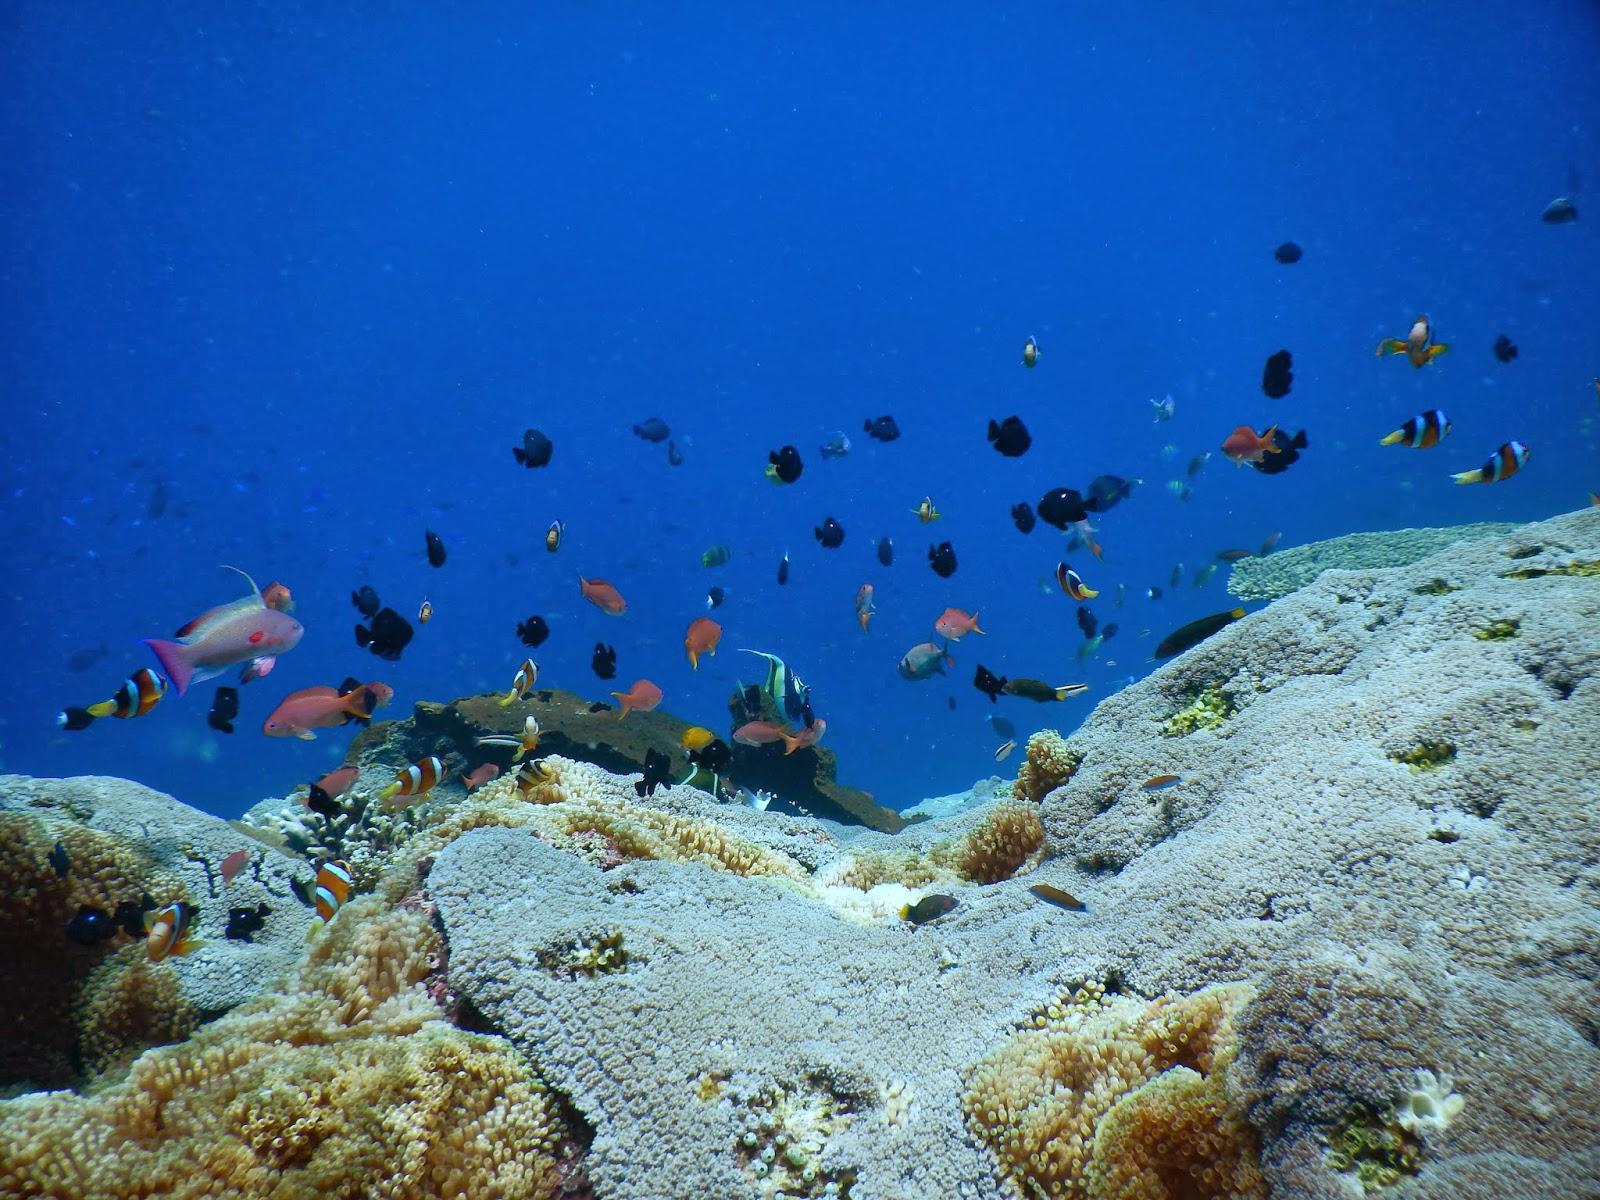 レンボンガン島・サンゴ礁と魚の海中写真集